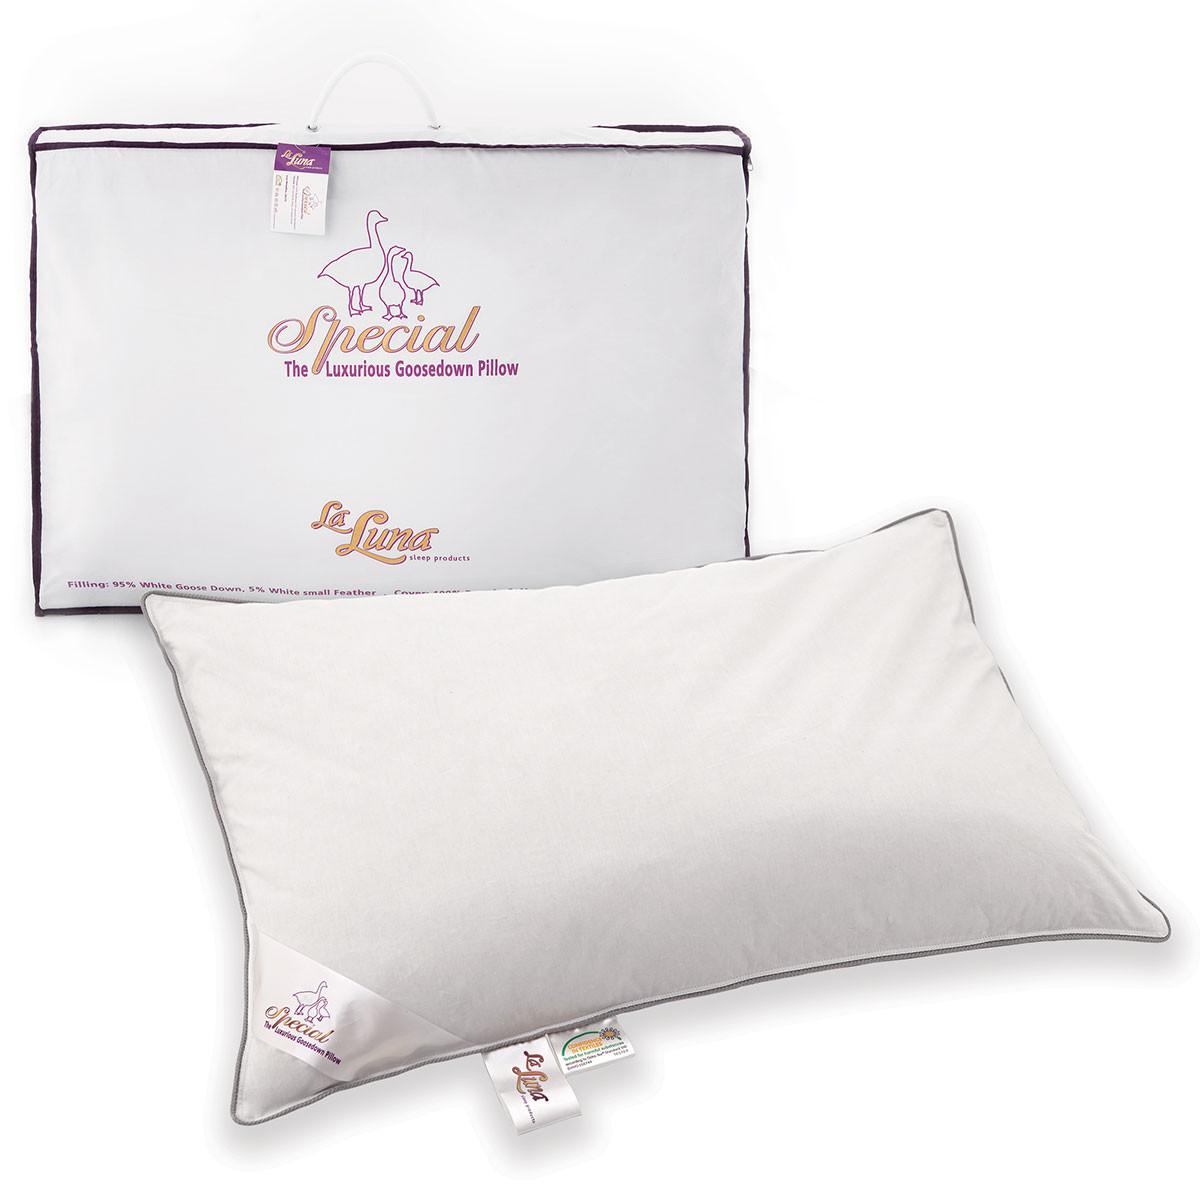 Μαξιλάρι Ύπνου Πουπουλένιο La Luna Special Feather Pillow home   κρεβατοκάμαρα   μαξιλάρια   μαξιλάρια ύπνου